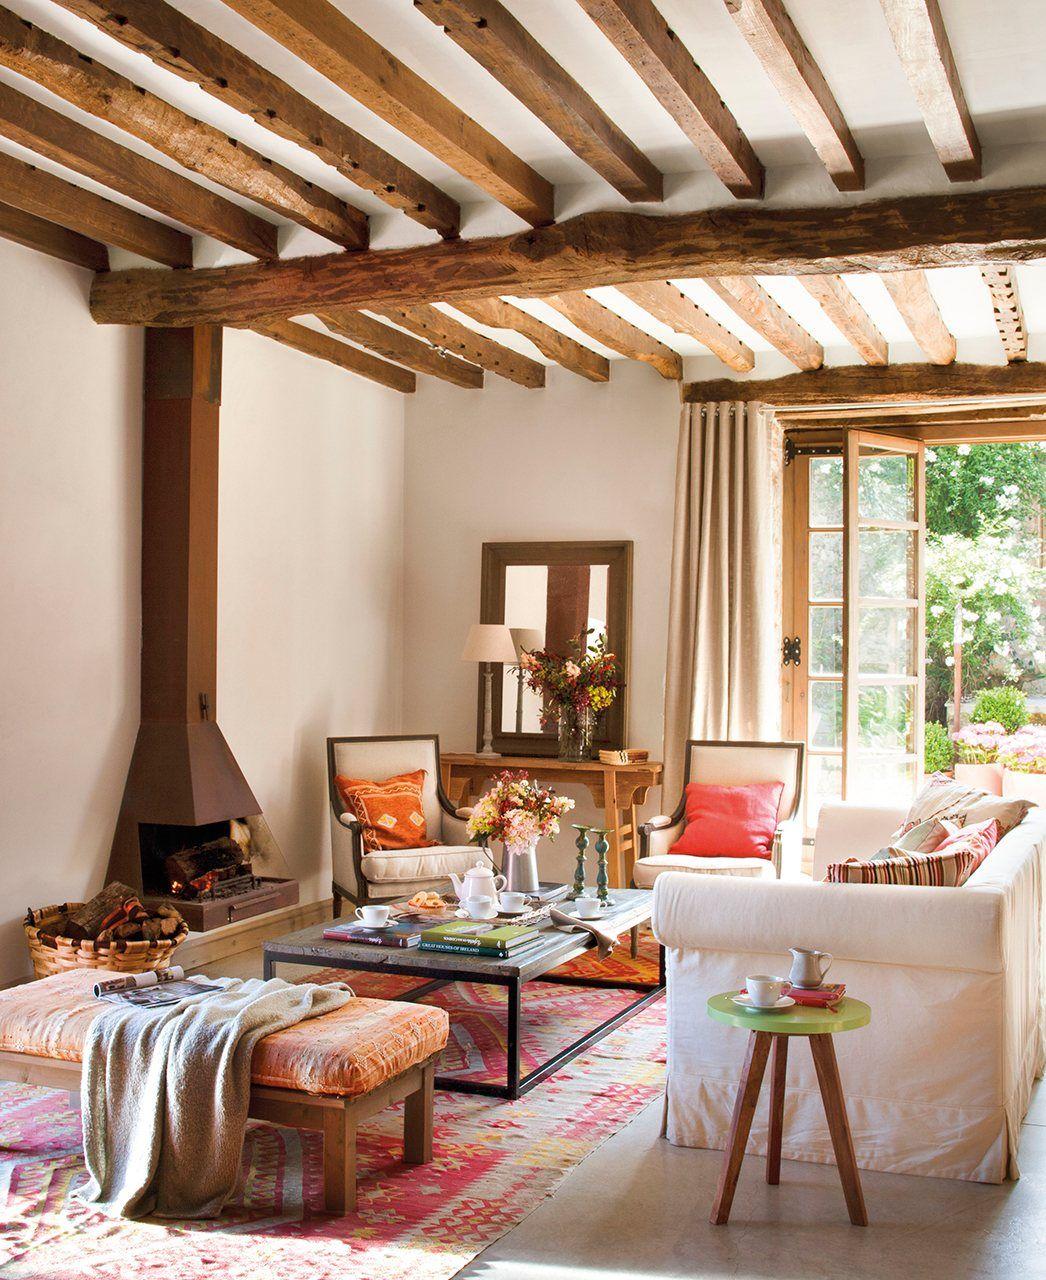 Alrededor de la chimenea | Salón, Su estilo y Buenas ideas